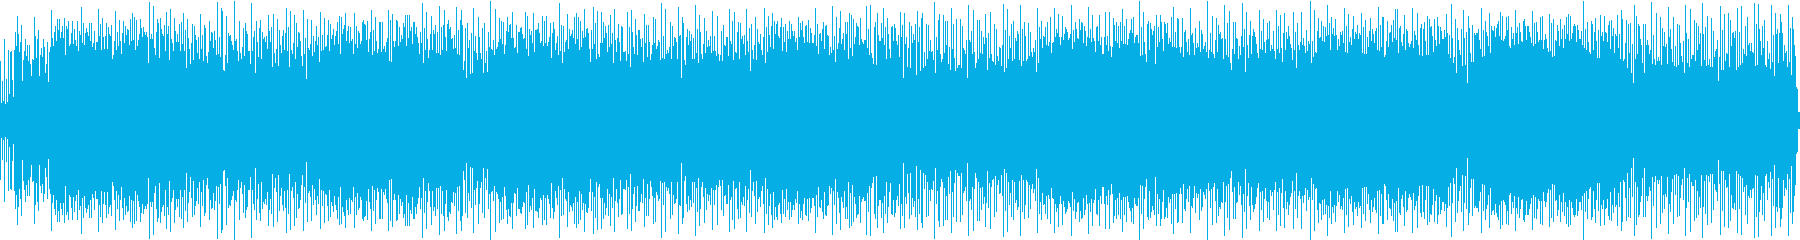 サンタナへの大きなエコー、ラテンロック。の再生済みの波形